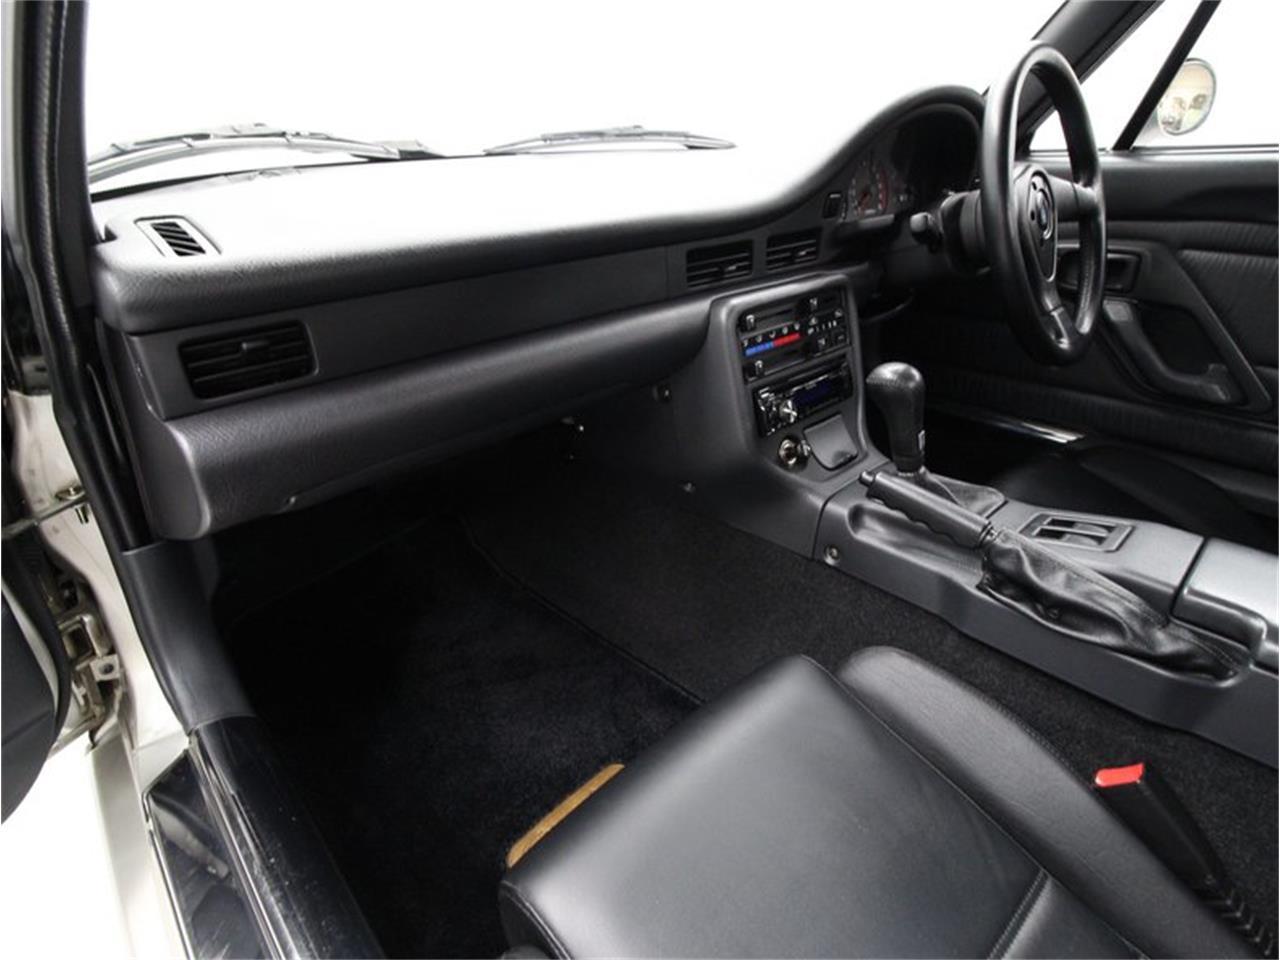 1991 Suzuki Cappuccino (CC-1389096) for sale in Christiansburg, Virginia